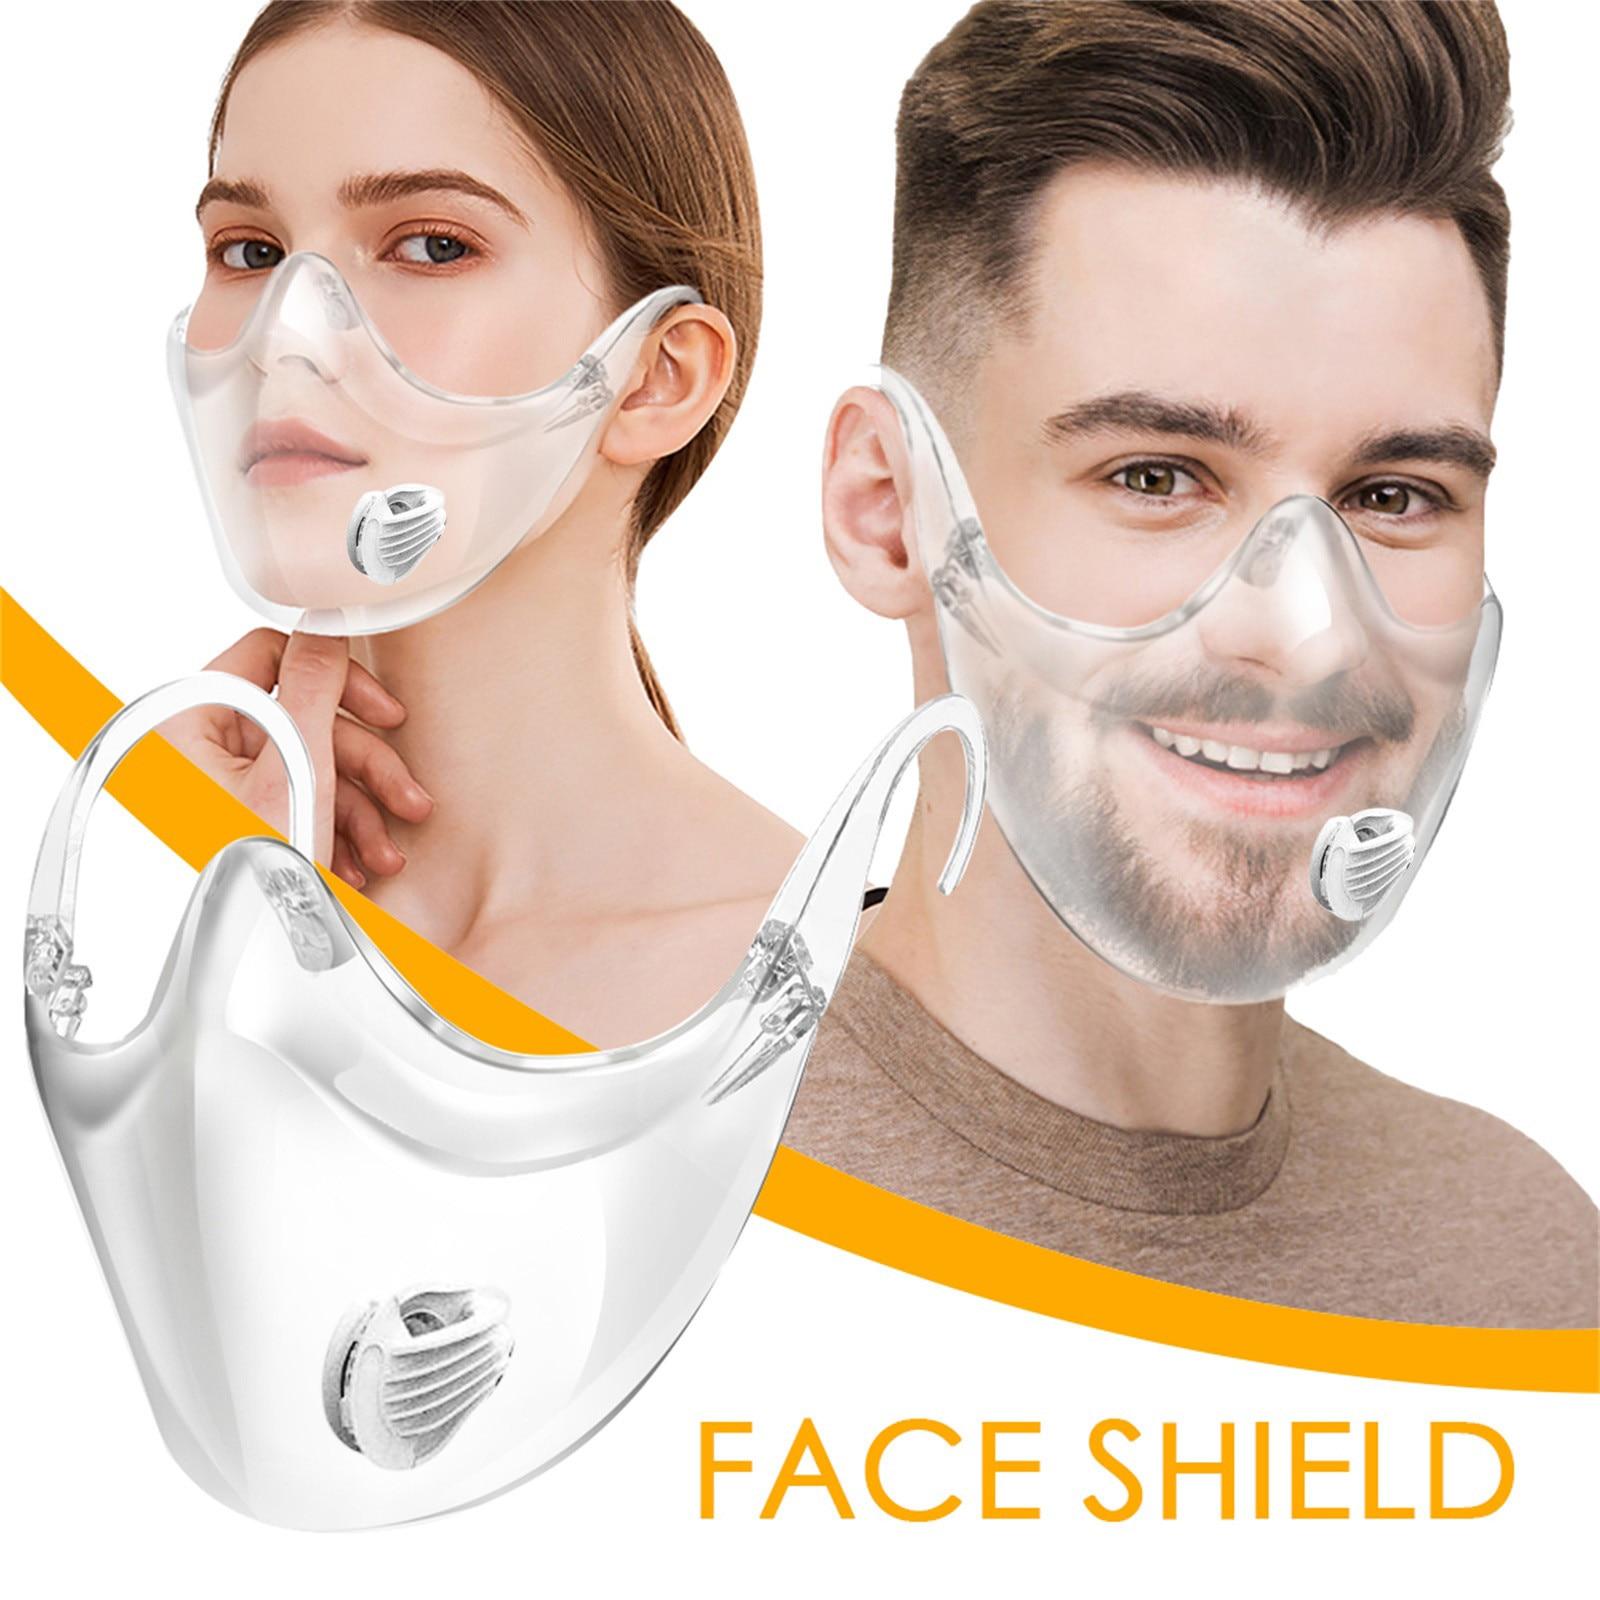 Маска для лица защитный рот шапки Kwashable прочный маска для лица Уход за кожей лица сочетают в себе Пластик многоразовая прозрачная маска для ...